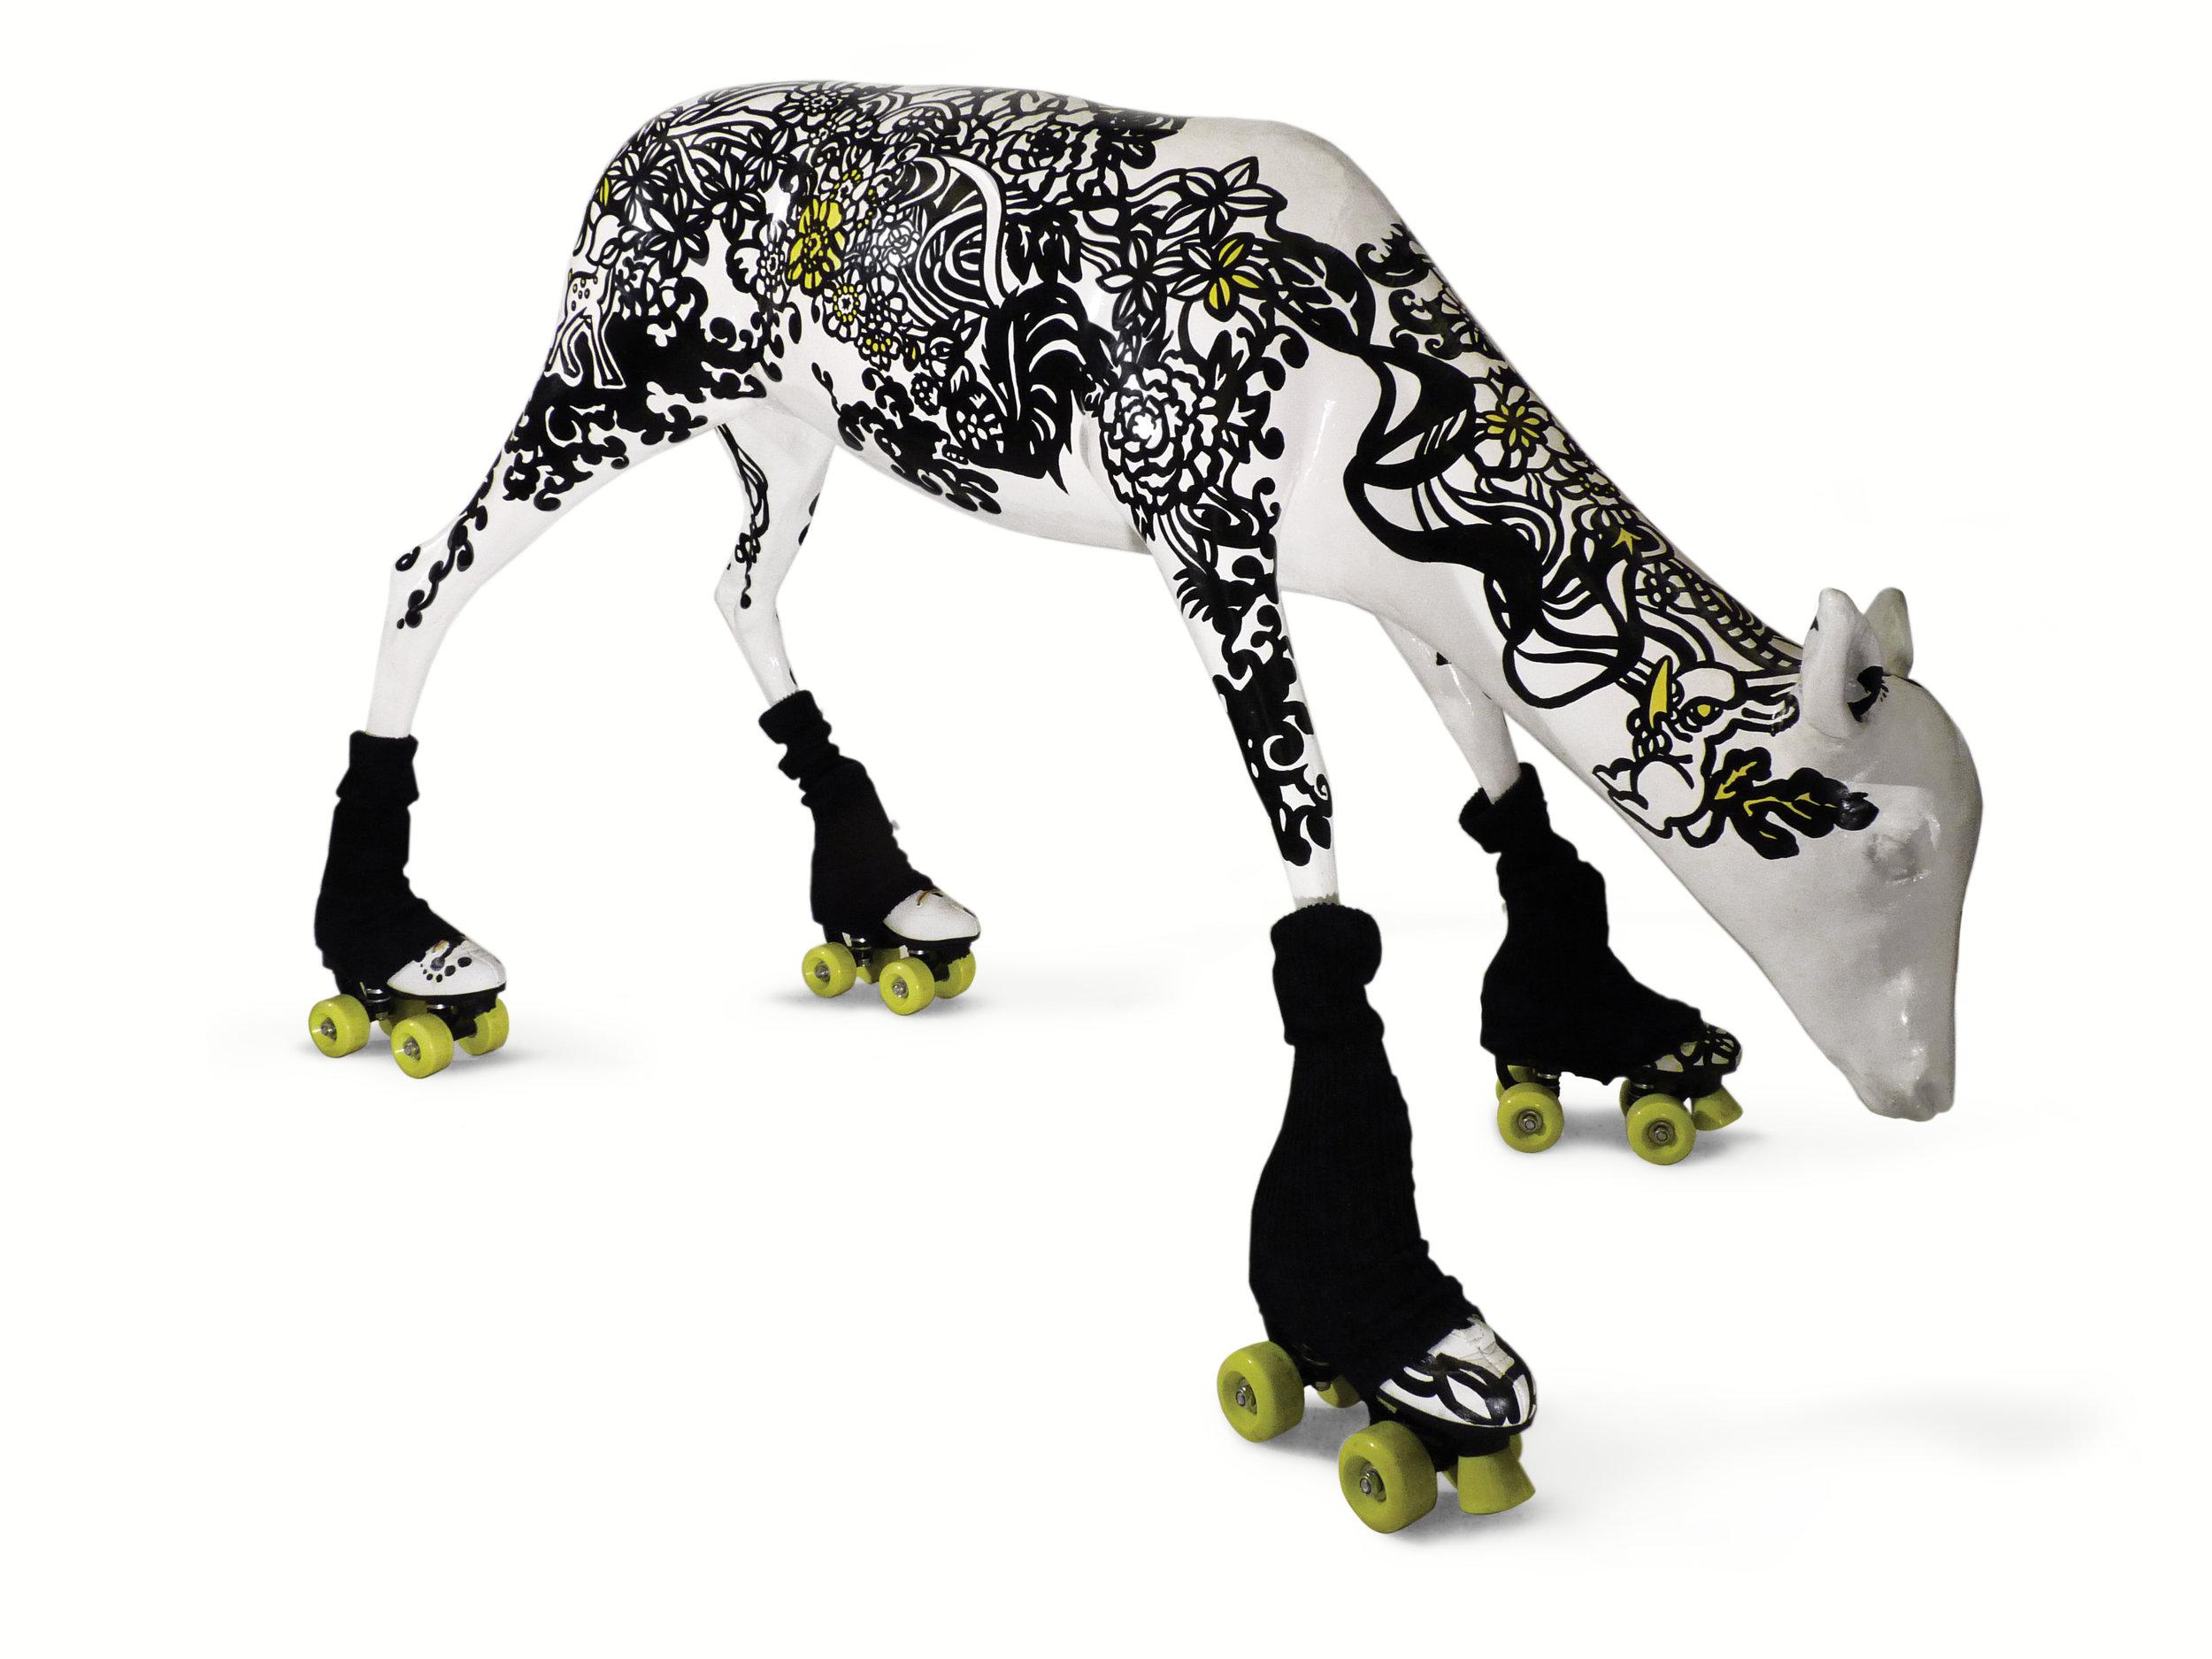 Ernesto - Veado de resina pintado à mão e patins.   Handpainted resin baby deer and rollerskates.